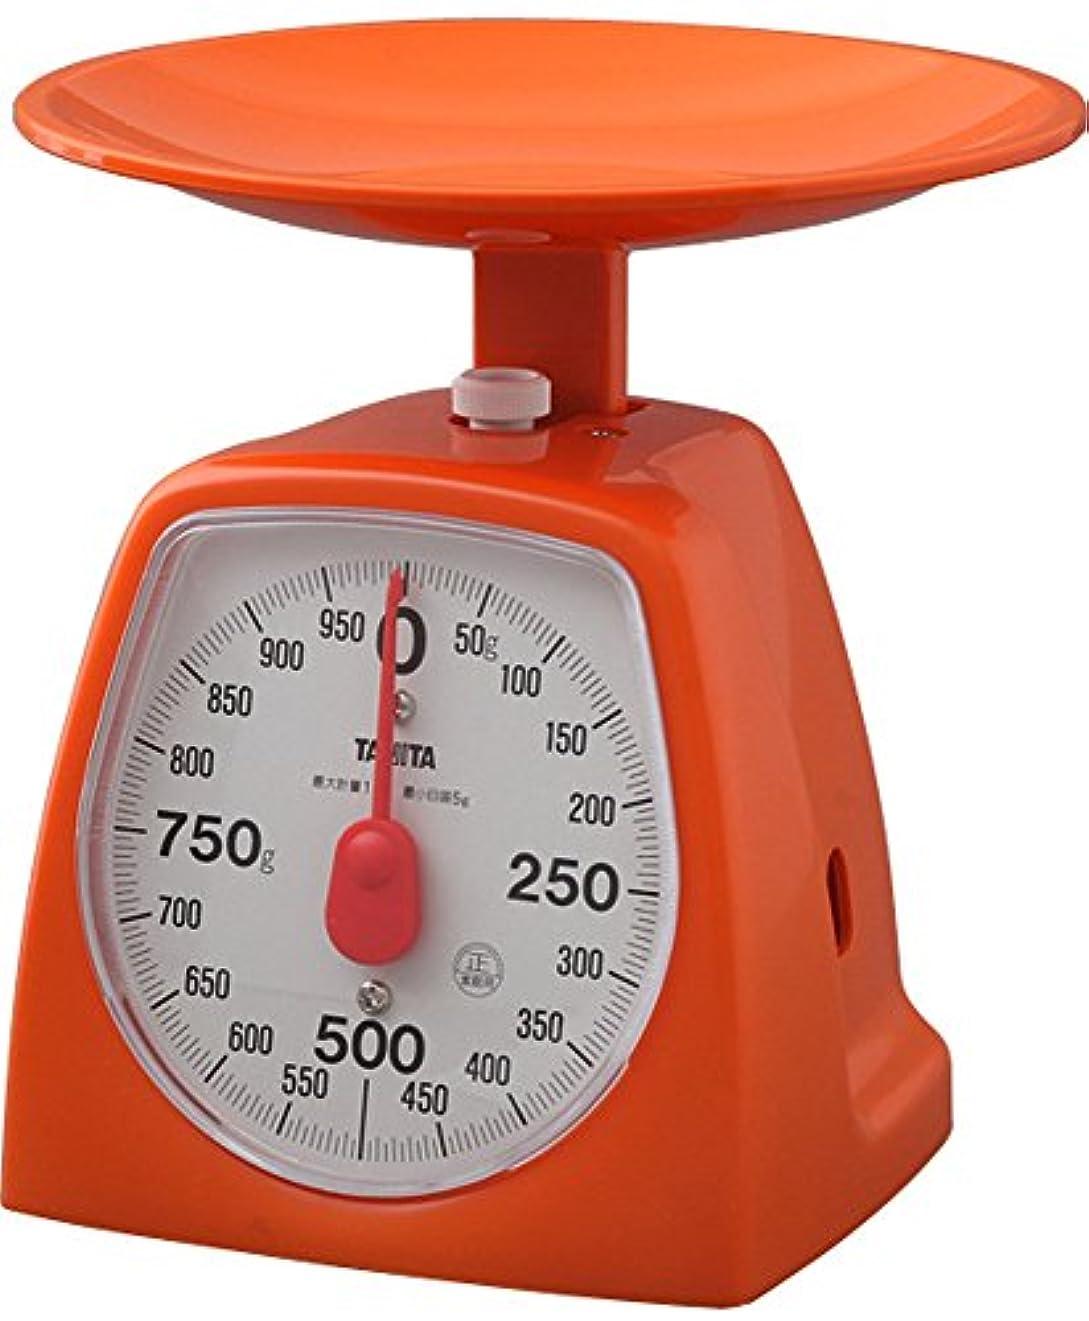 絶妙説教するジャーナルタニタ キッチンスケール はかり 料理  アナログ 1kg 5g単位 オレンジ 1439-OR